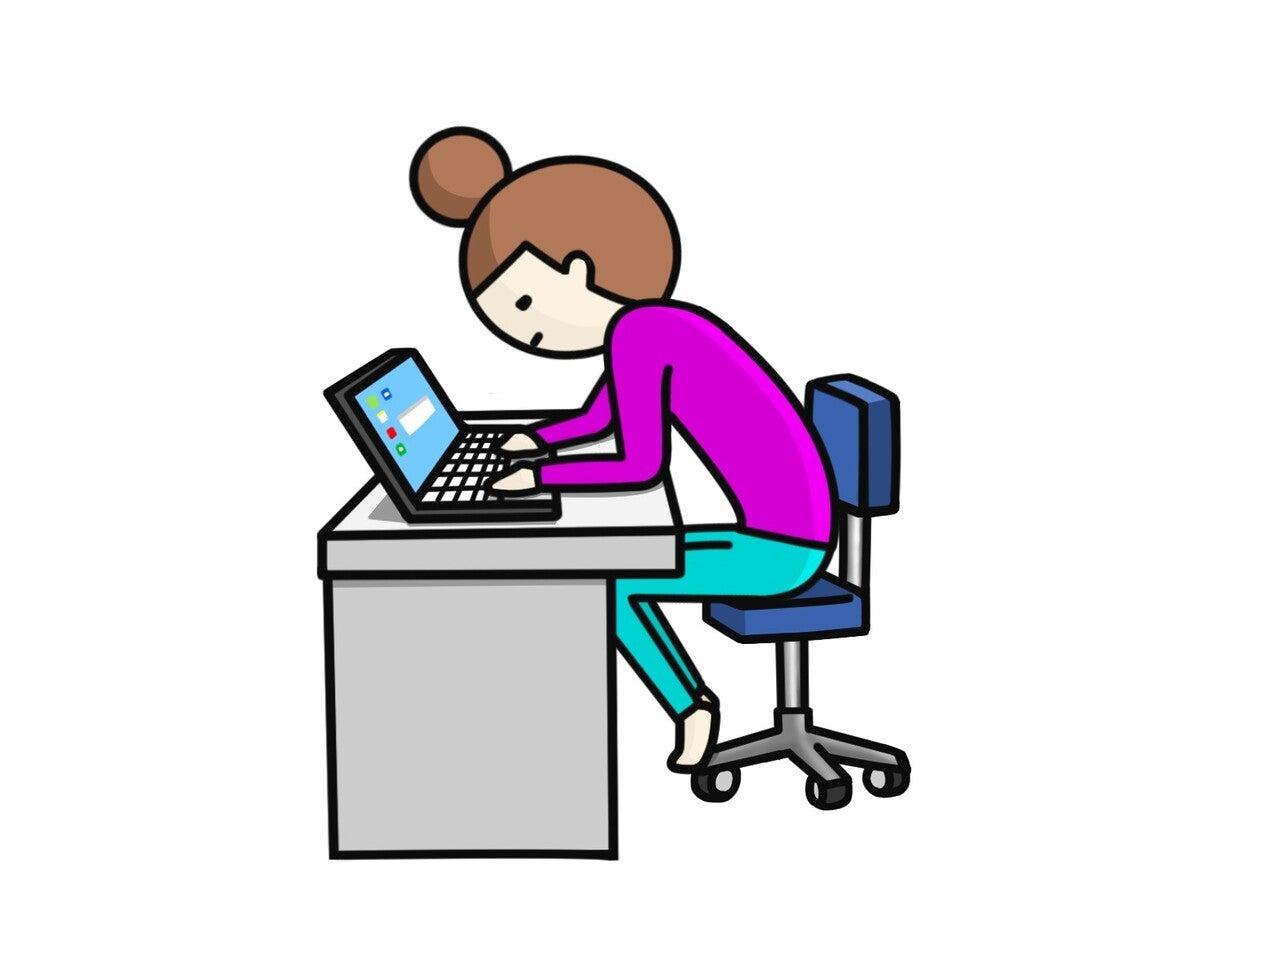 椅子 座る パソコン